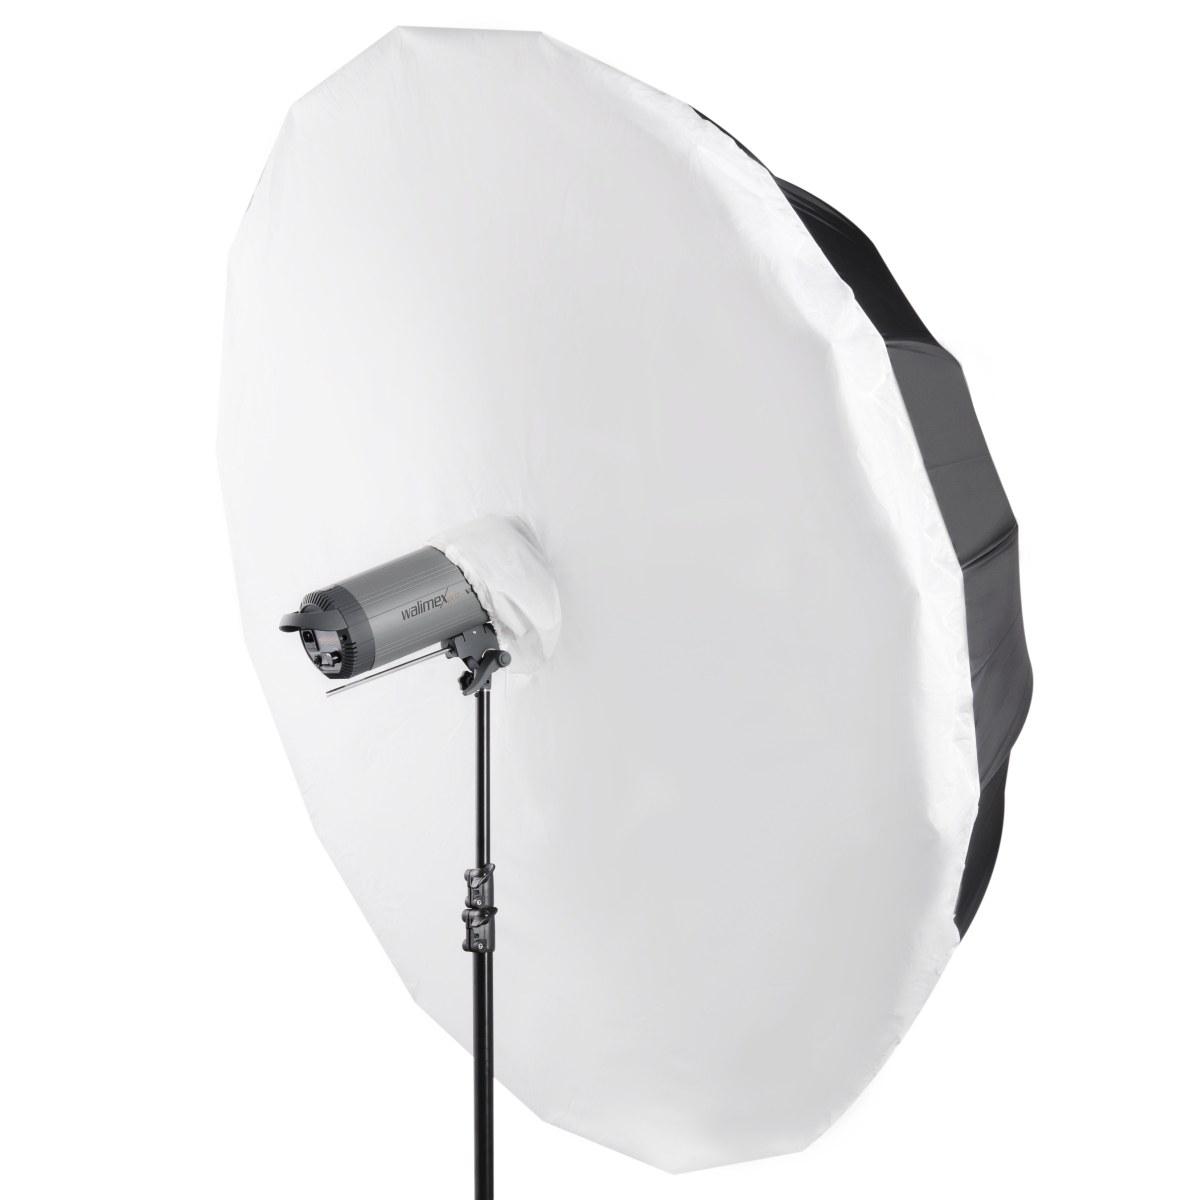 Walimex pro Reflex Umbrella Diffuser white, 180cm